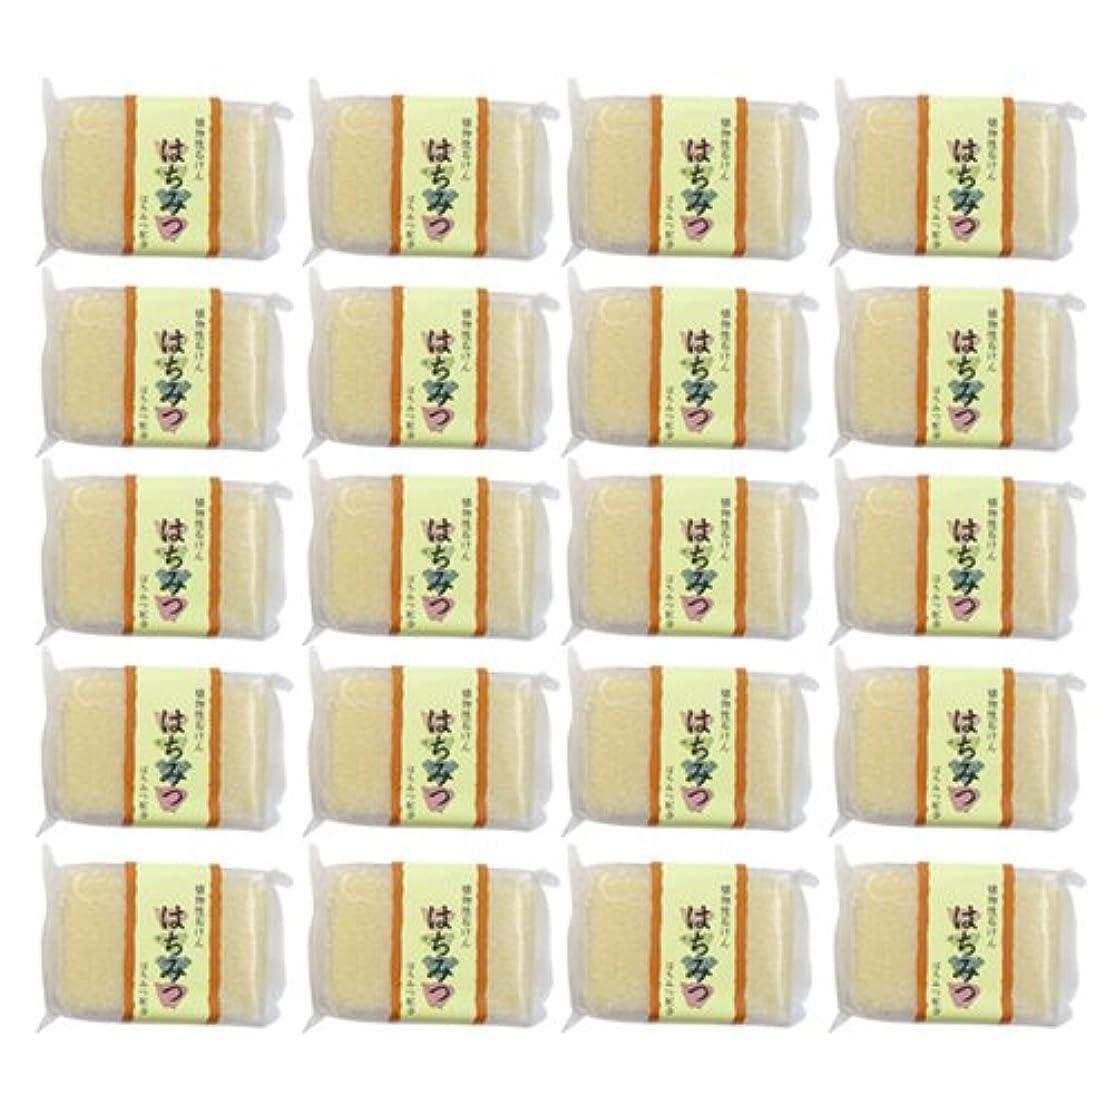 シャンプーネックレスリーズ植物性ソープ 自然石けん はちみつ 80g×20個セット